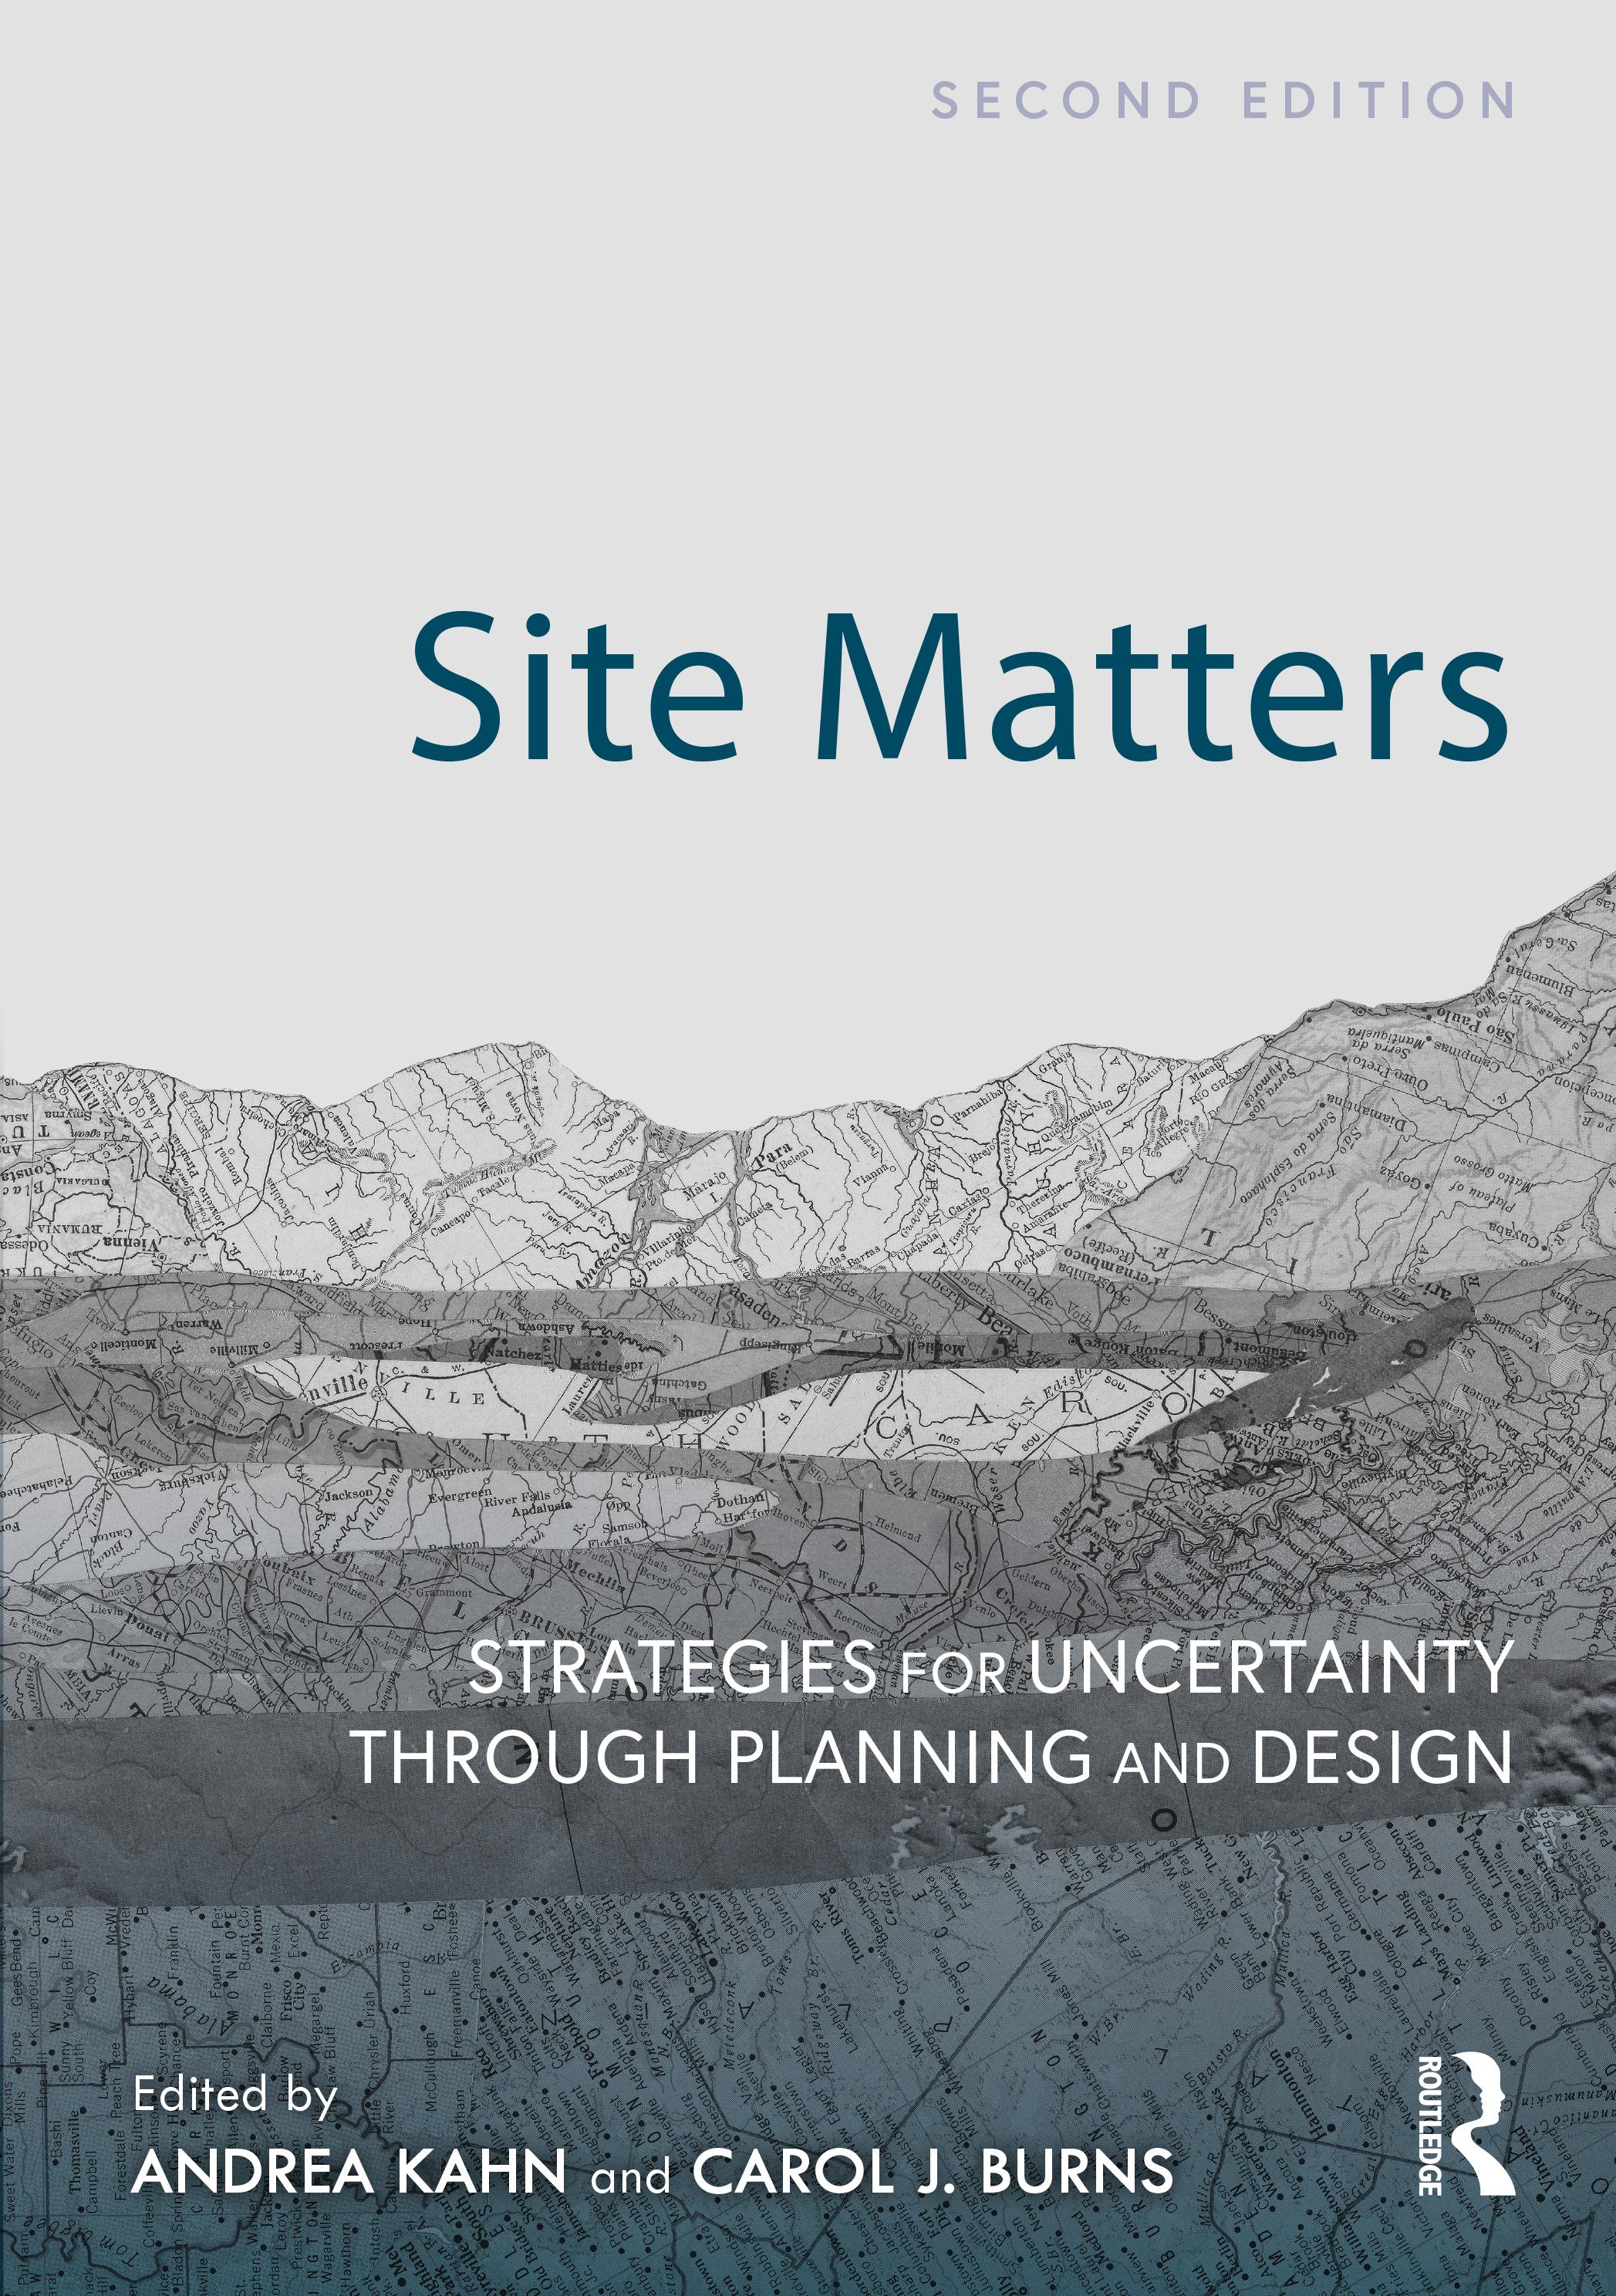 Landscape Processes as Site Context